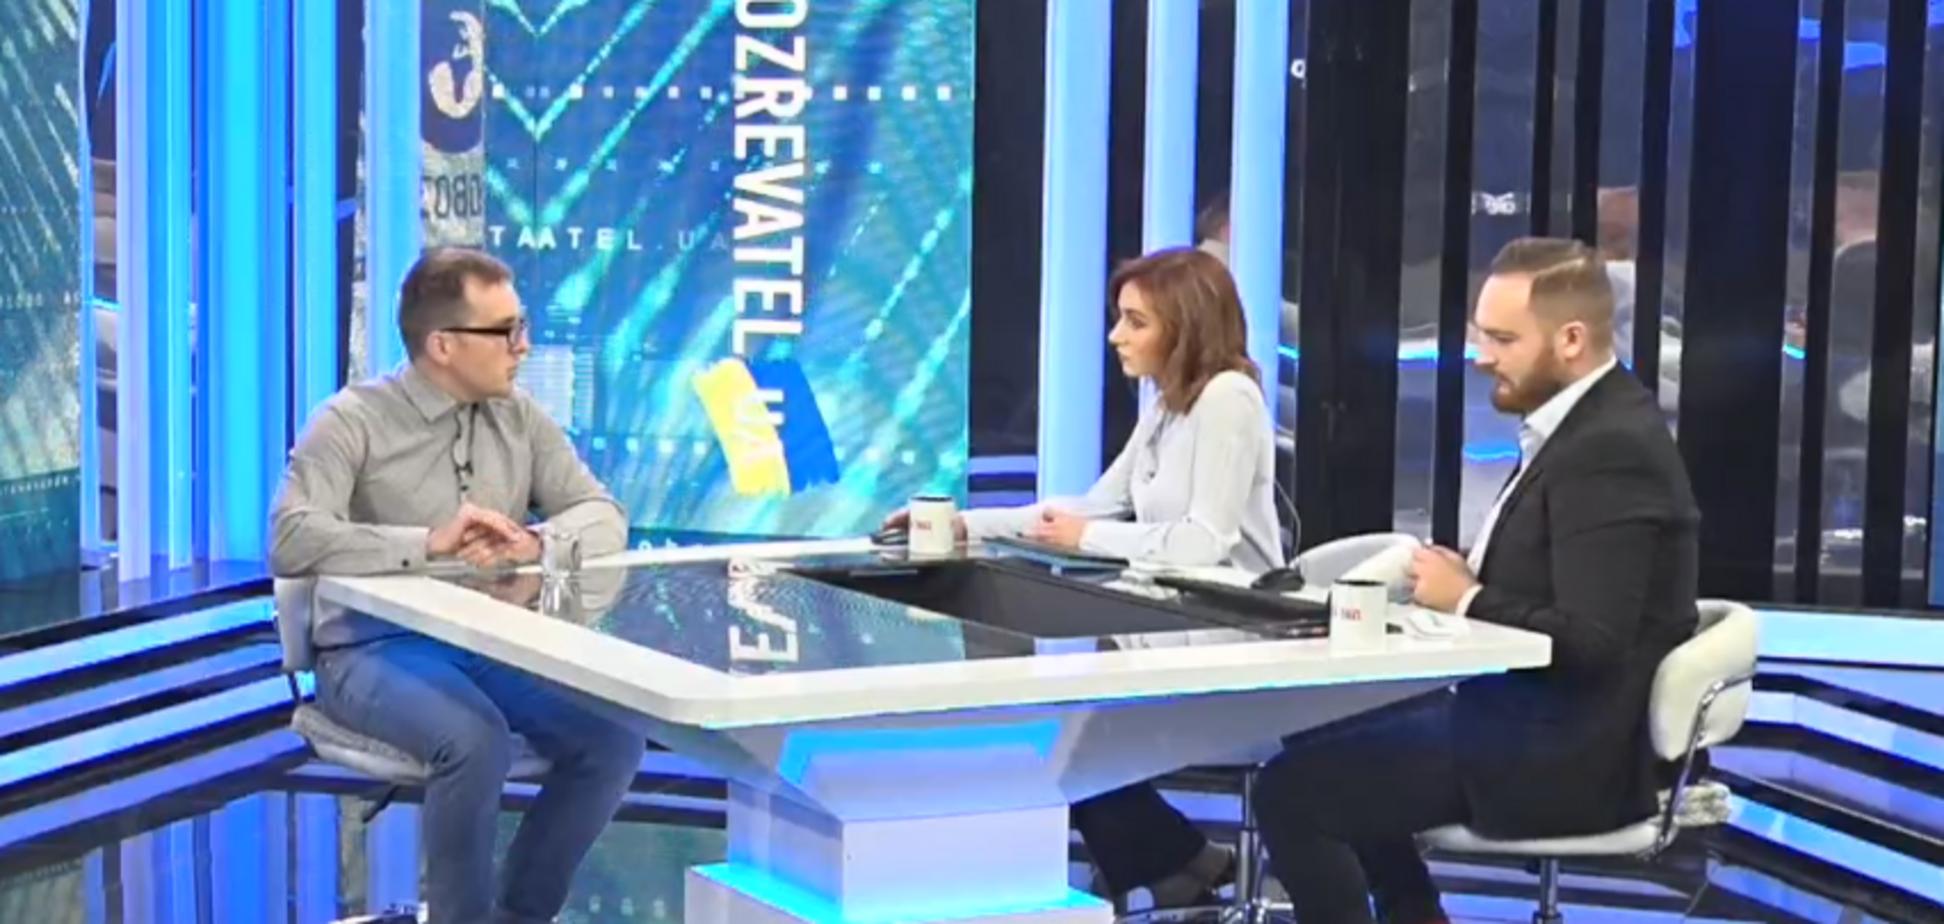 Без впевненості в завтрашньому дні - юрист пояснив, чому Україні не підходить ''китайський шлях''